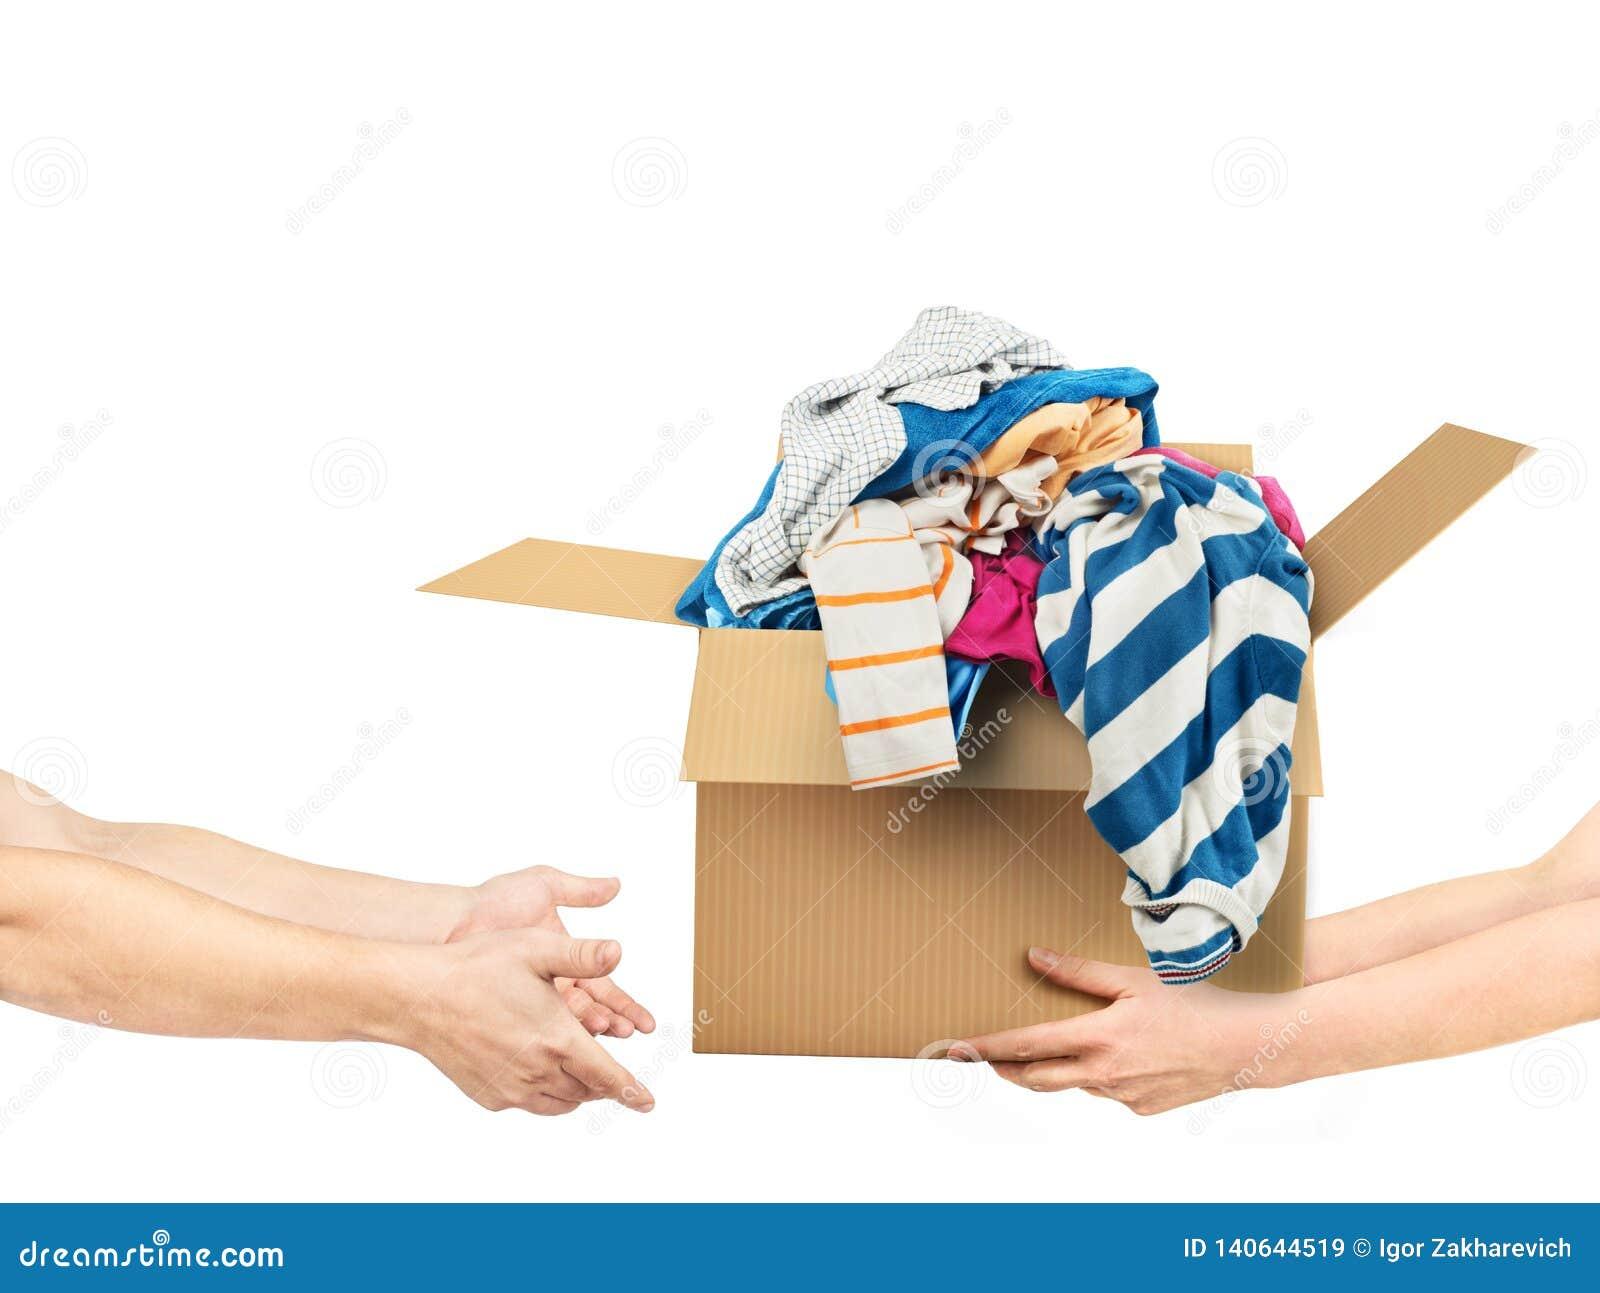 O conceito da doação As mãos estão dando uma caixa da roupa a outras mãos